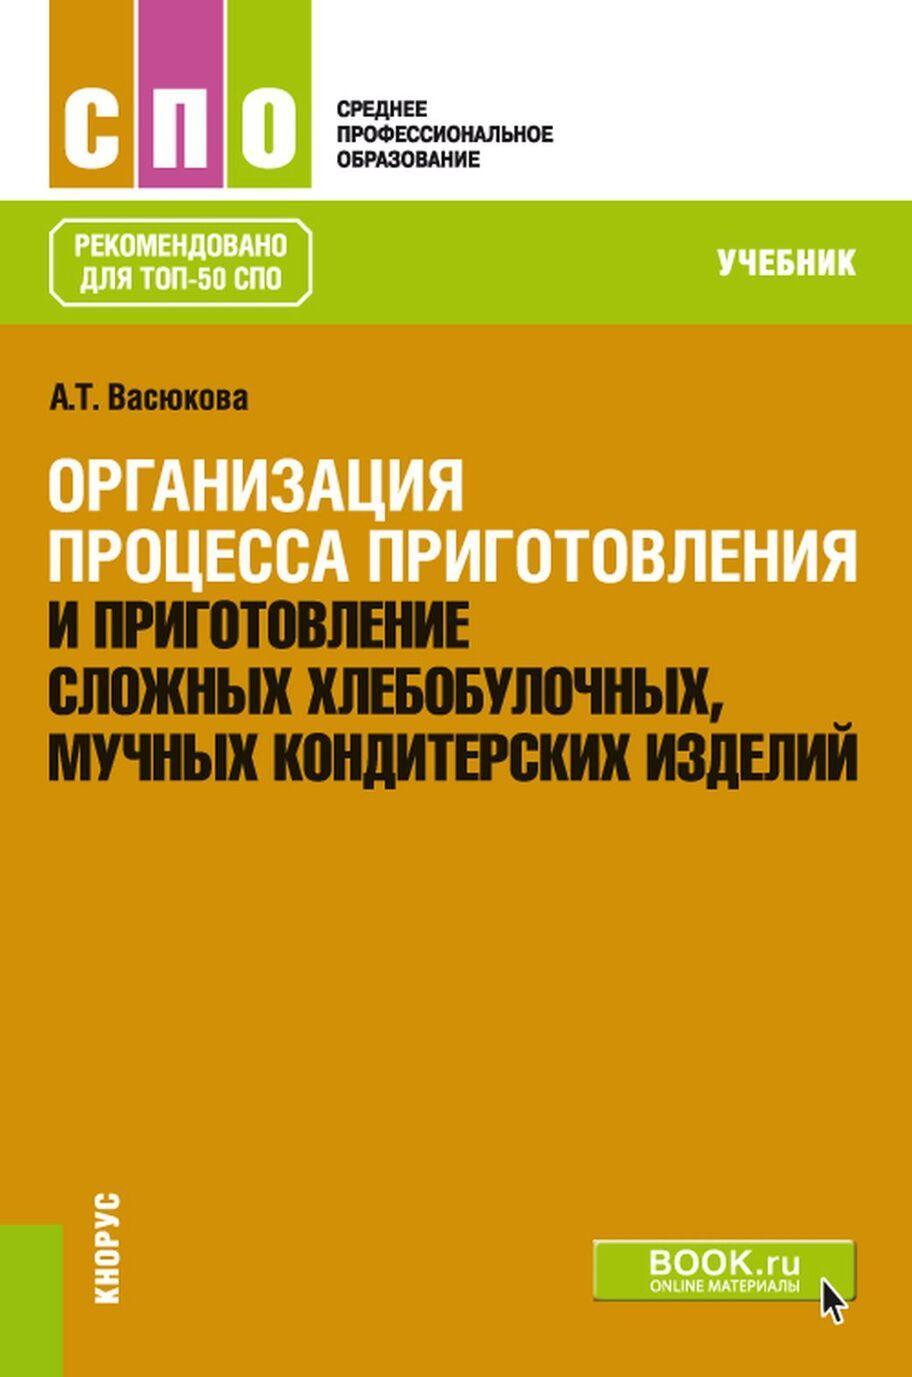 Organizatsija protsessa prigotovlenija i prigotovlenie slozhnykh khlebobulochnykh, muchnykh konditerskikh izdelij. Uchebnik | Vasjukova Anna Timofeevna